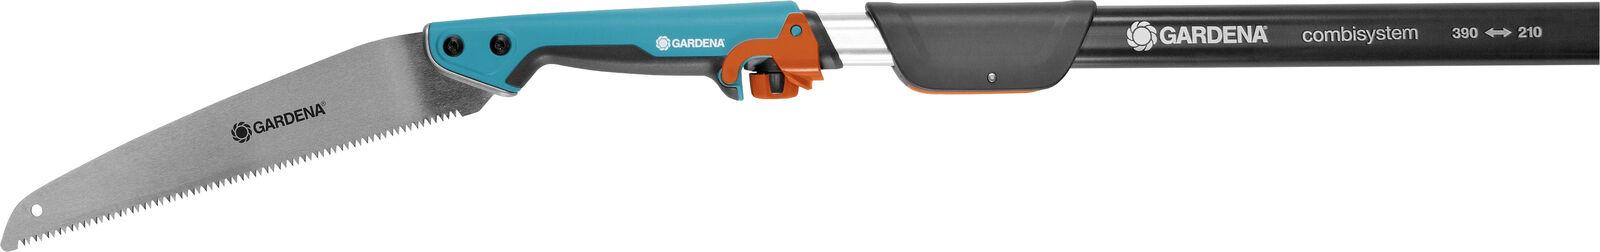 Gardena Gartensäge - Combisystem | Erlesene Materialien  | | | Zu verkaufen  | Bekannt für seine schöne Qualität  f3eafd